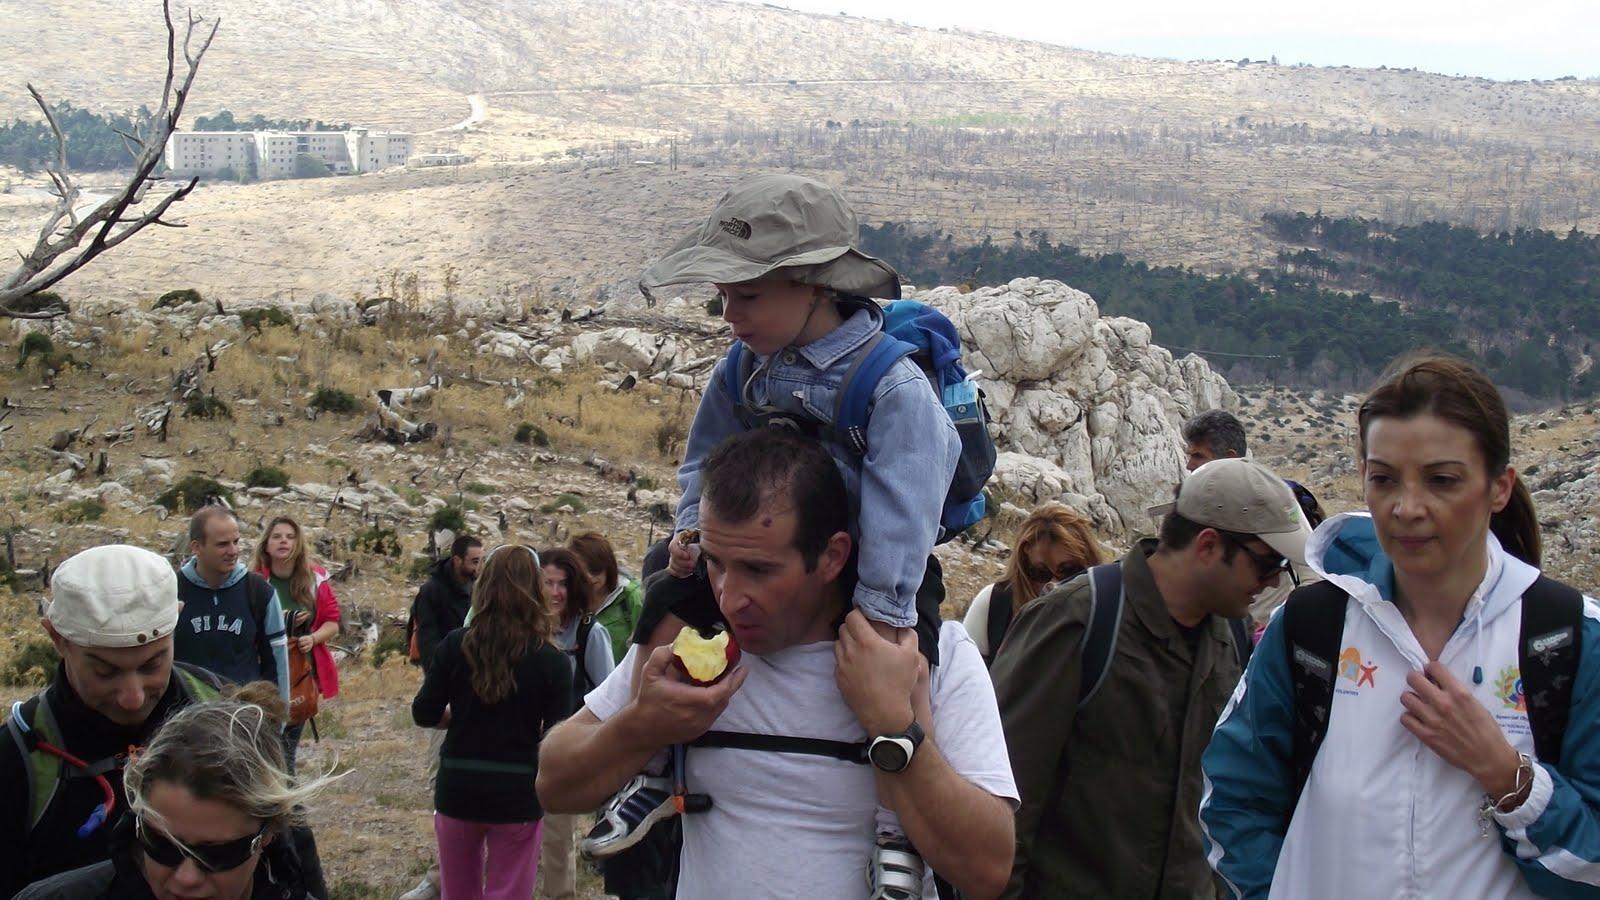 Ο πιο μικρός ορειβάτης της παρέας